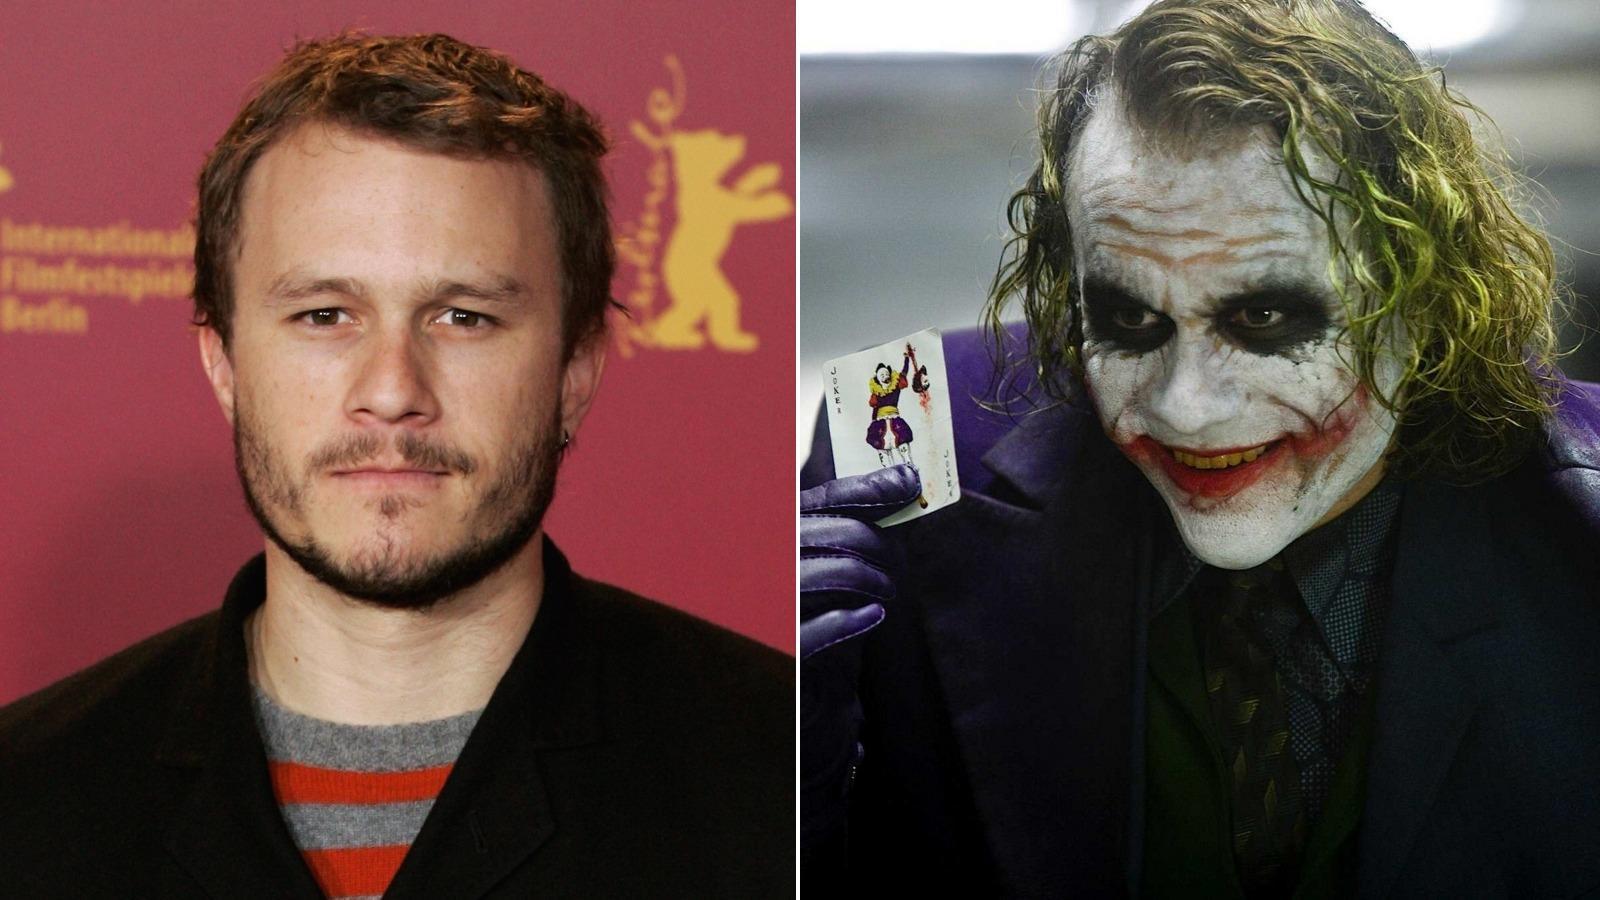 Senki sem adott hitelt neki, mígnem meglátták Joker szerepében. Heath Ledger annyira átváltozott, hogy állítólag valóban kissé bele is őrült a szerepébe. Sajnos már nem élte meg, hogy megkapta a díjat. (Europress/Getty Images/Warner Bros.)